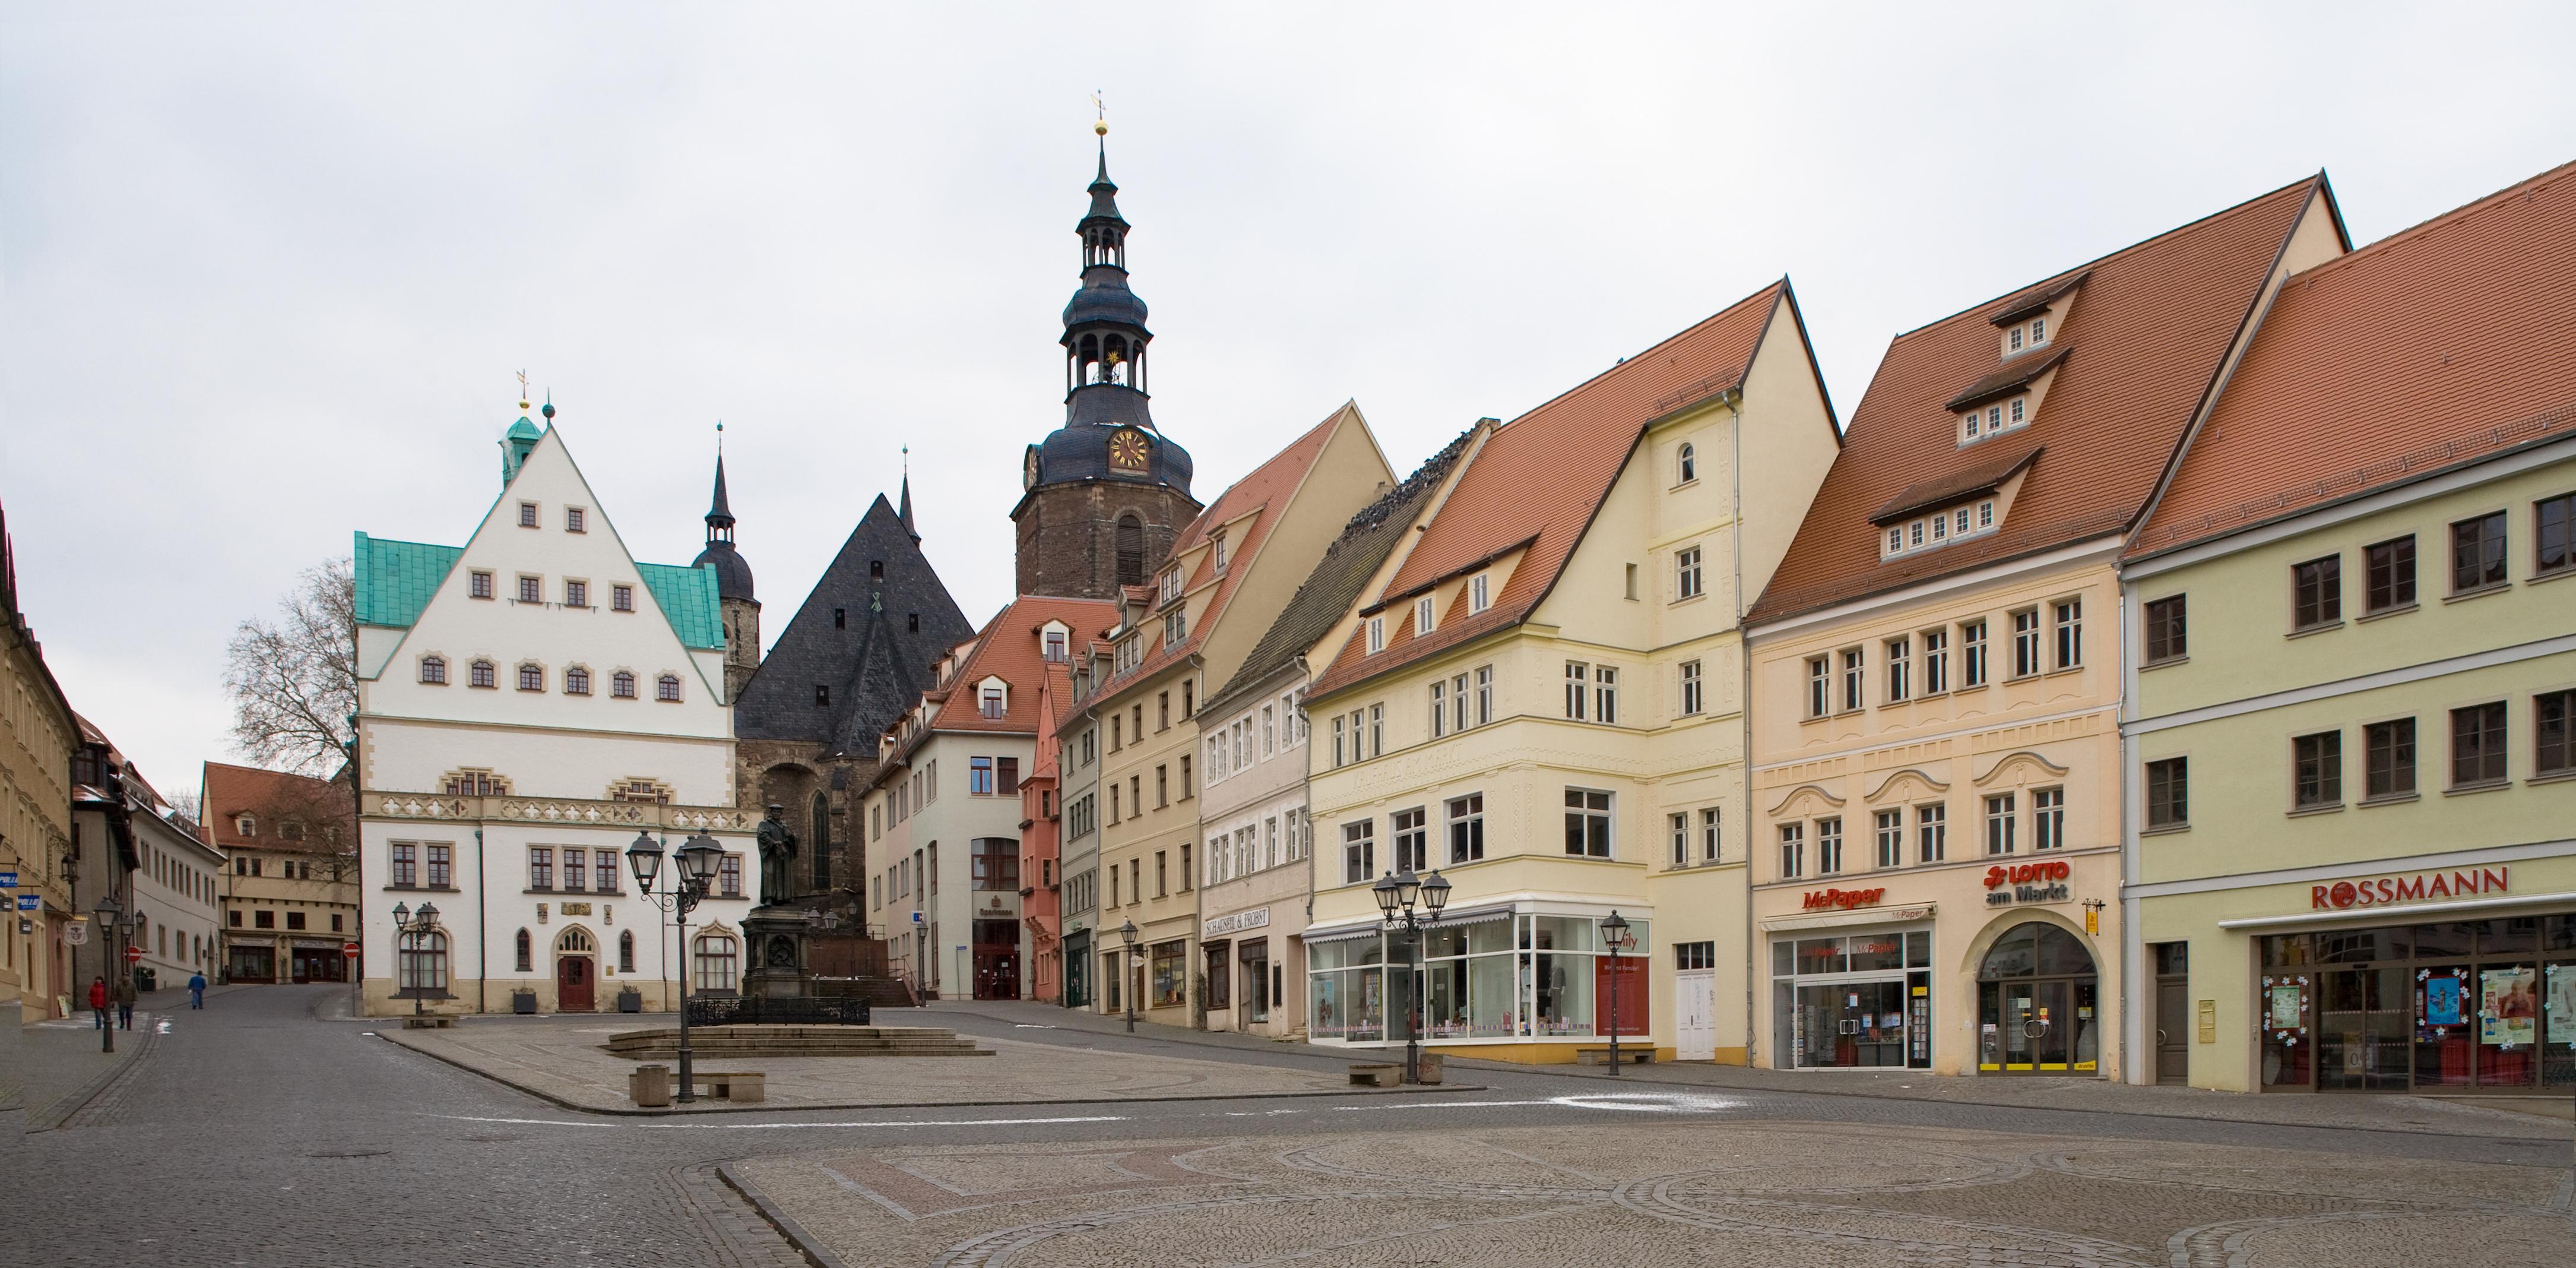 Der Marktplatz der Lutherstadt Eisleben mit Lutherdenkmal, Rathaus und St. Andreaskirche (c) Schütze/Rodemann Halle(S)